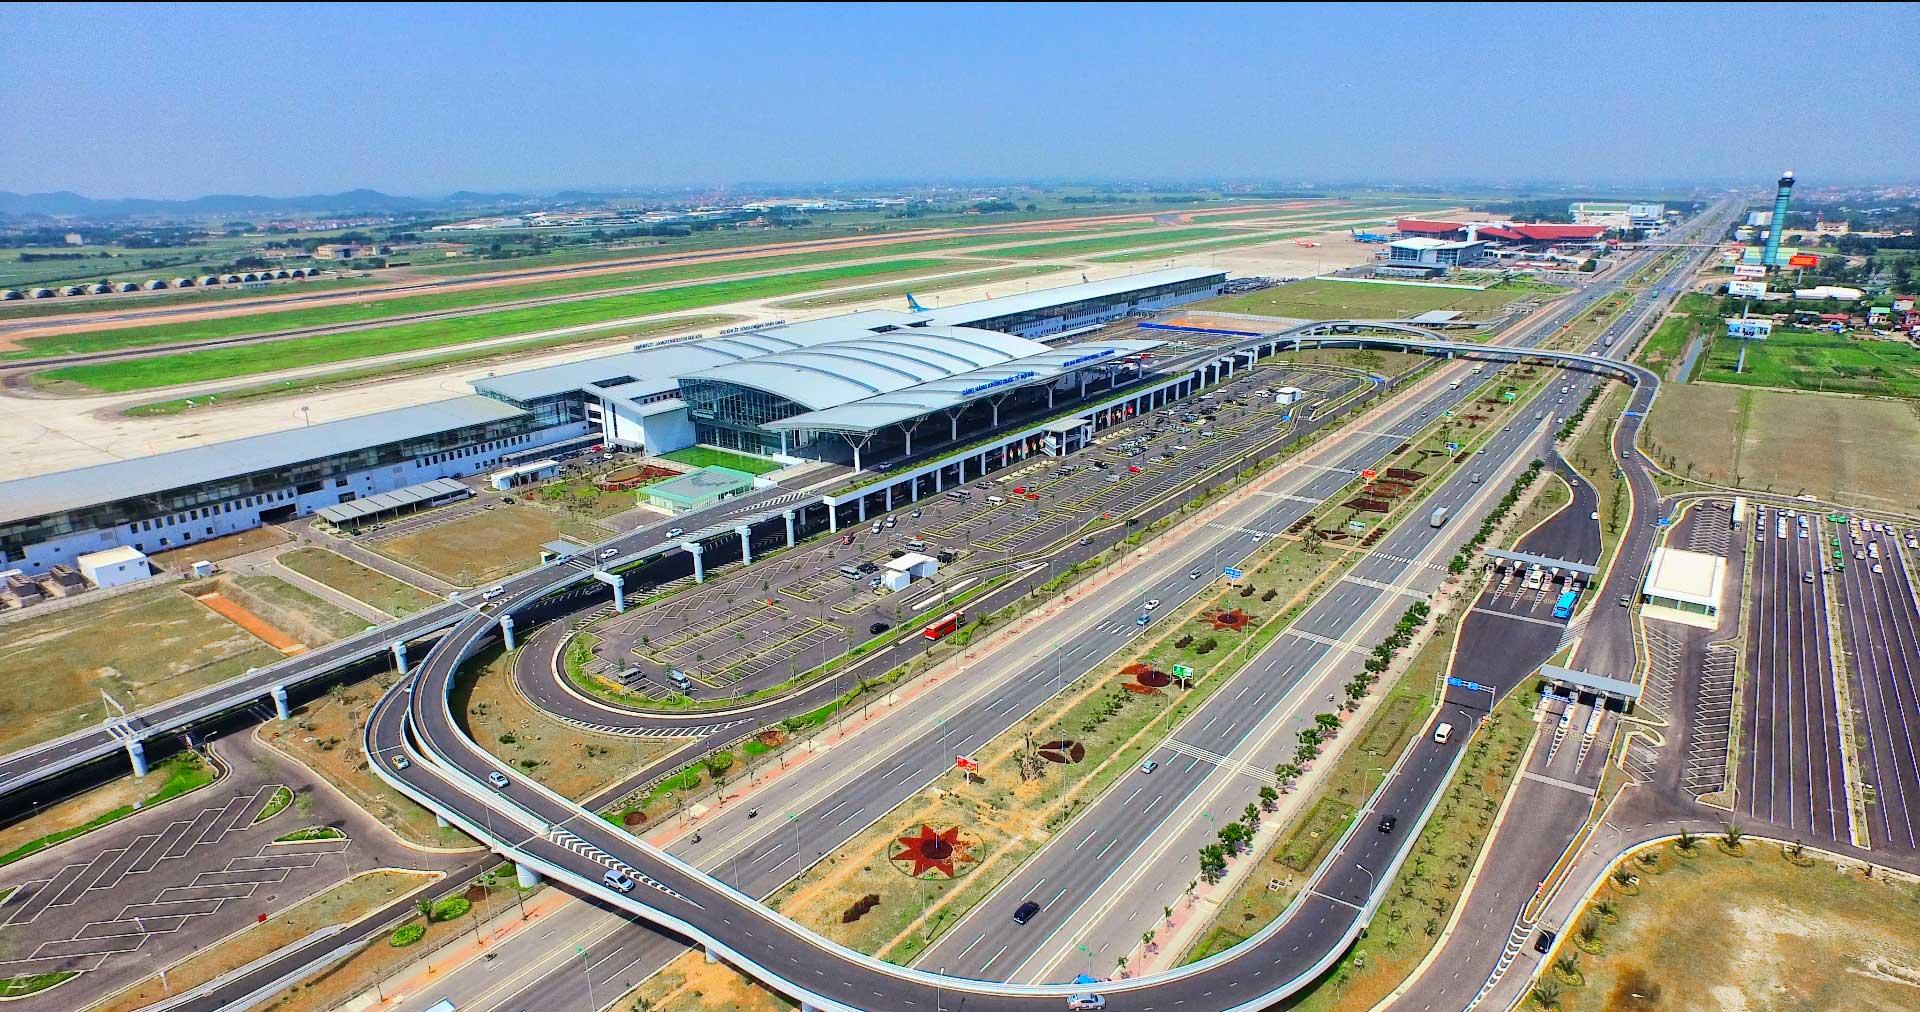 Địa chỉ sân bay Nội Bài nằm ở đâu